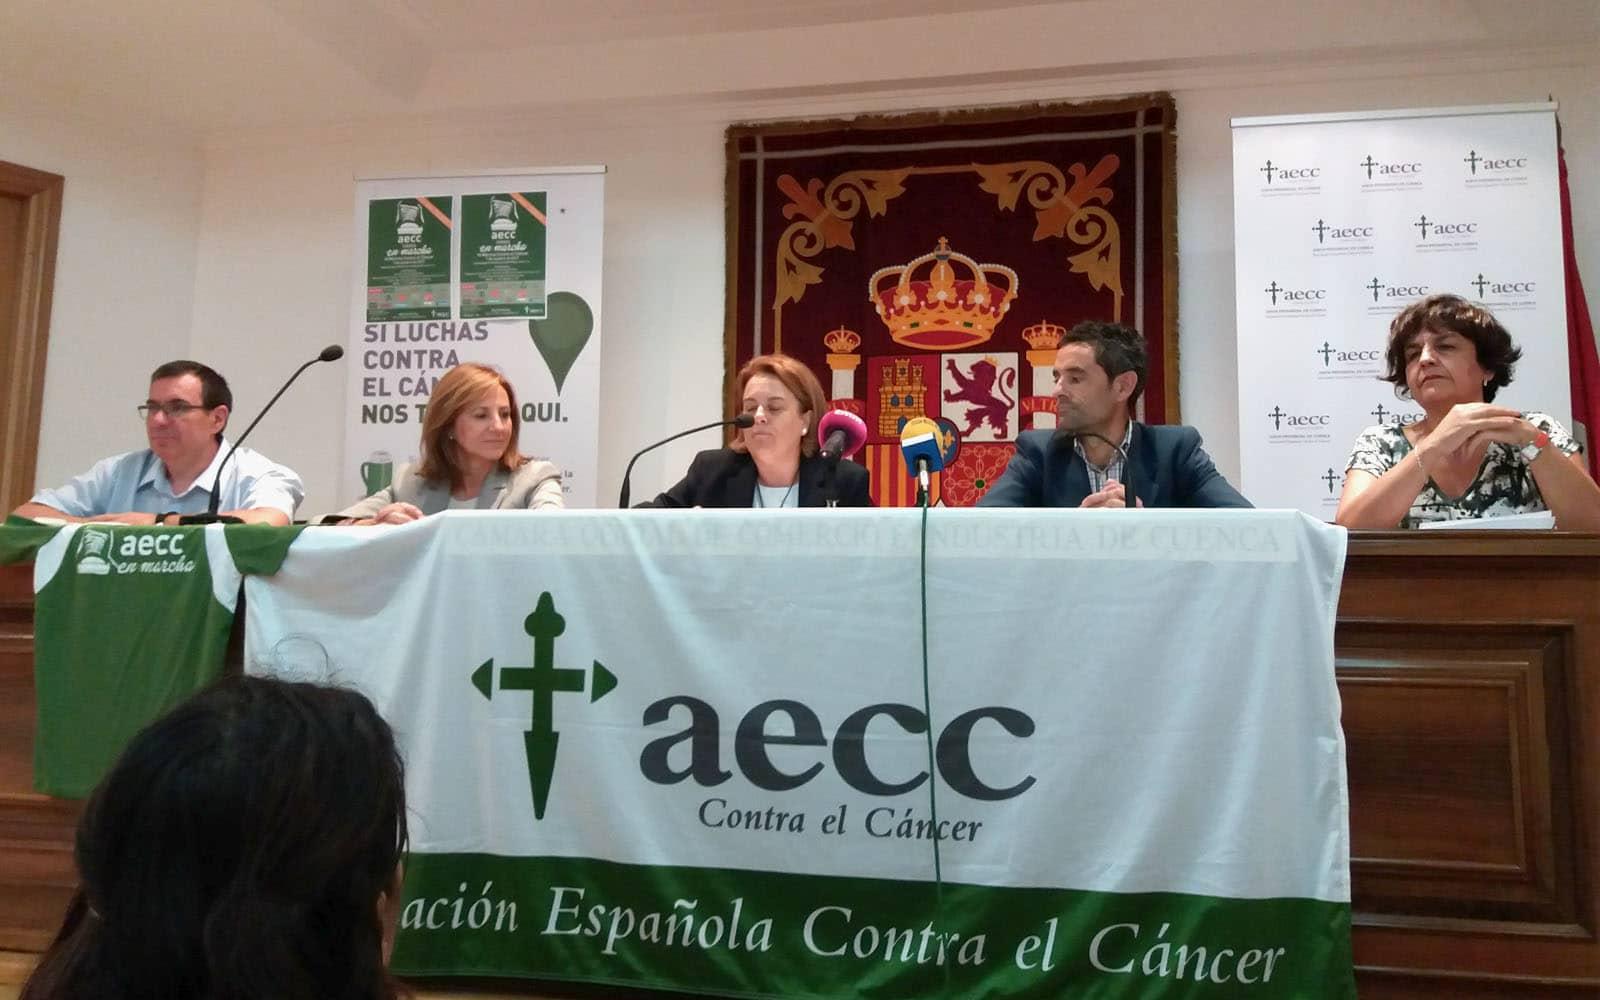 https://blog.globalcaja.es/wp-content/uploads/2017/09/CONTRA-EL-CANCER-CUENCA.jpg